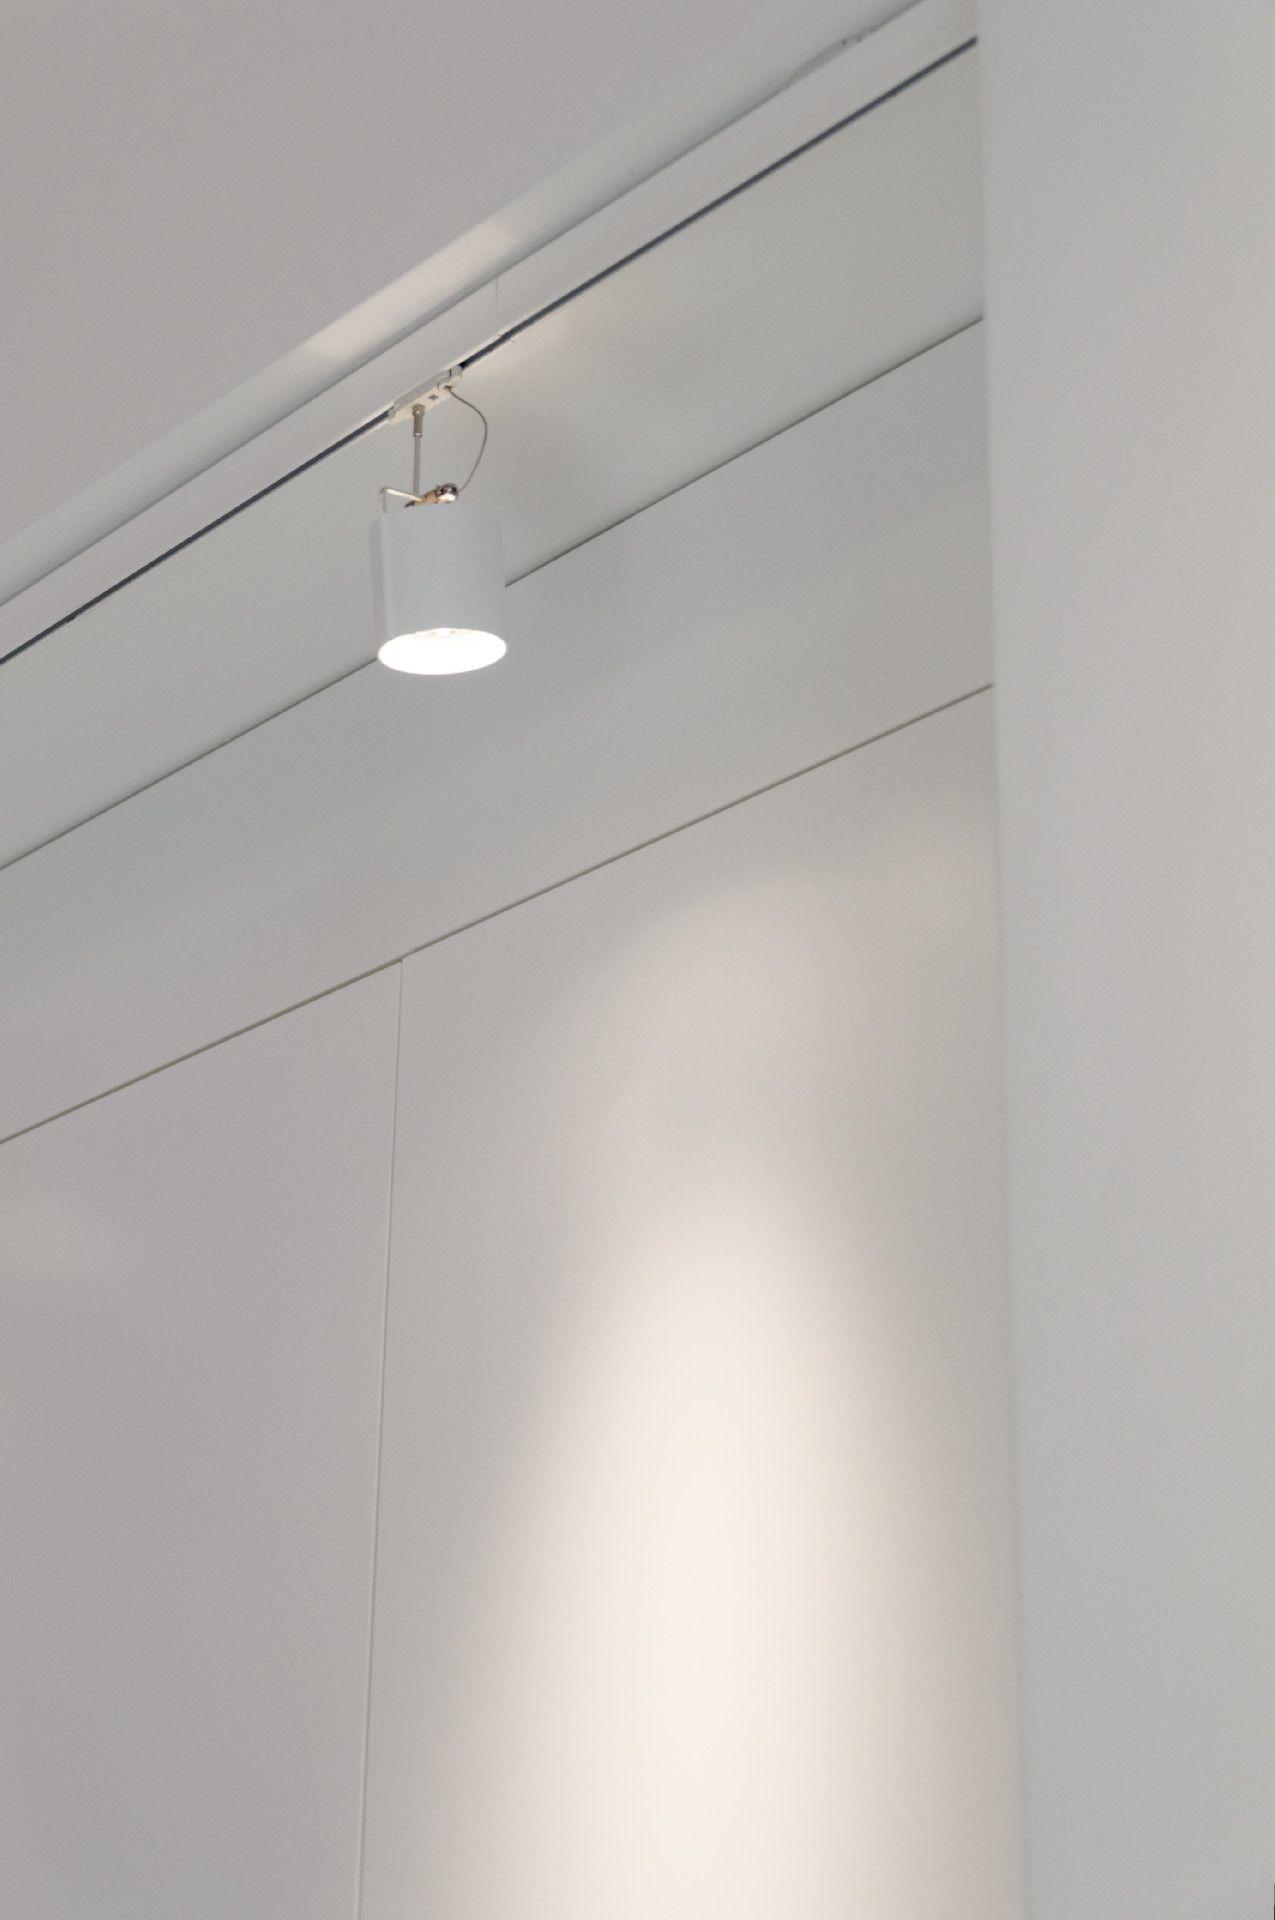 Buschfeld Lightlight Track Lightlight Ceiling Luminaire Spot 5 Tube Beleuchtung Decke Licht Beleuchtung